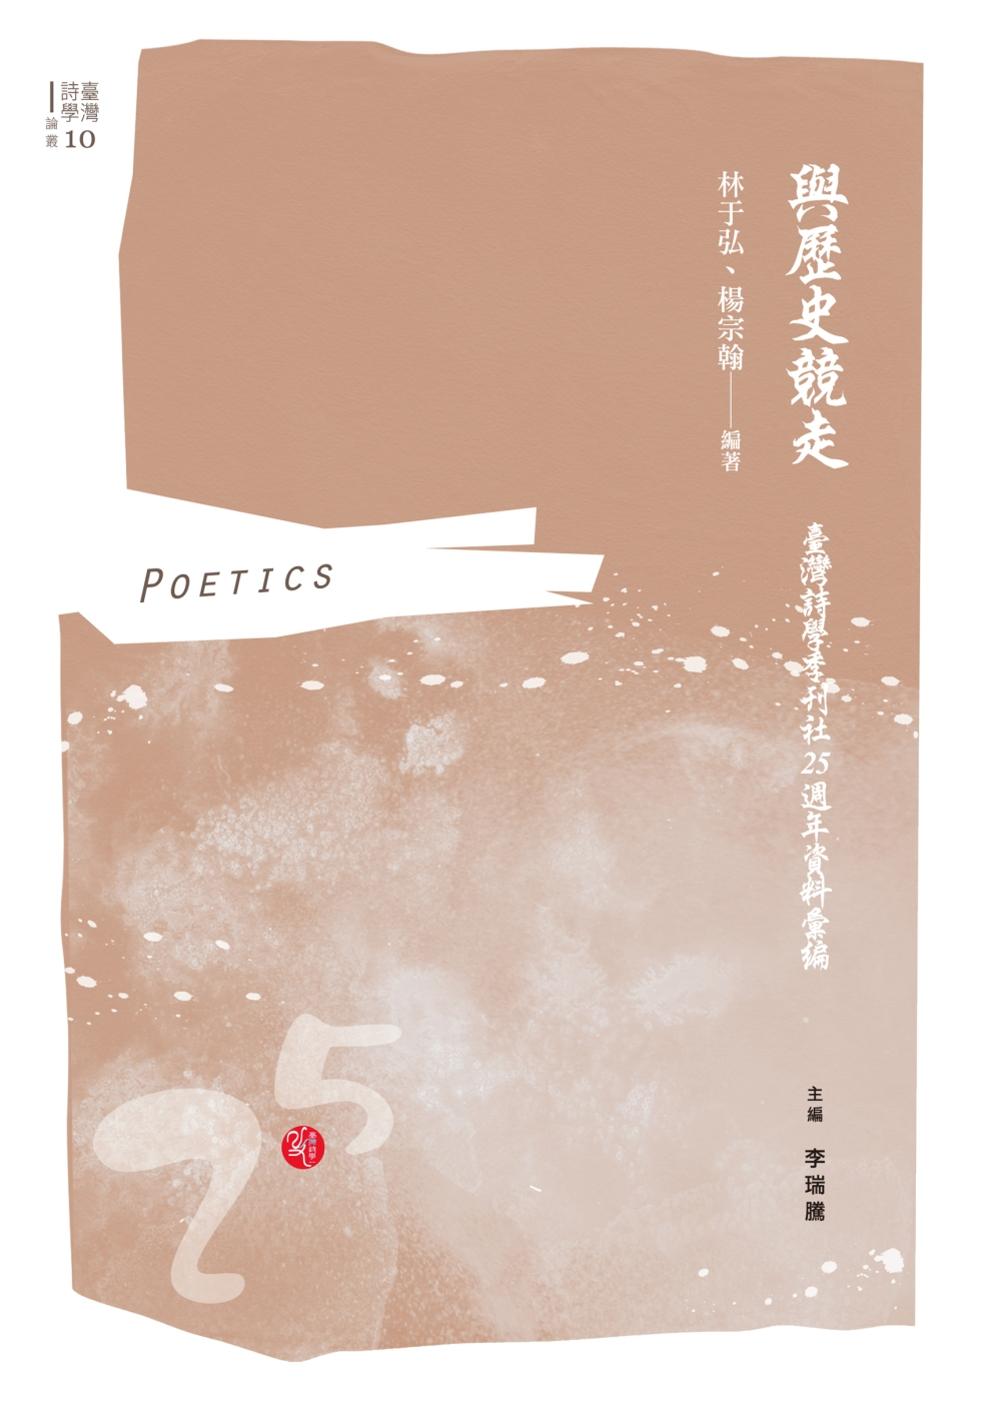 與歷史競走:臺灣詩學季刊社25週年資料彙編